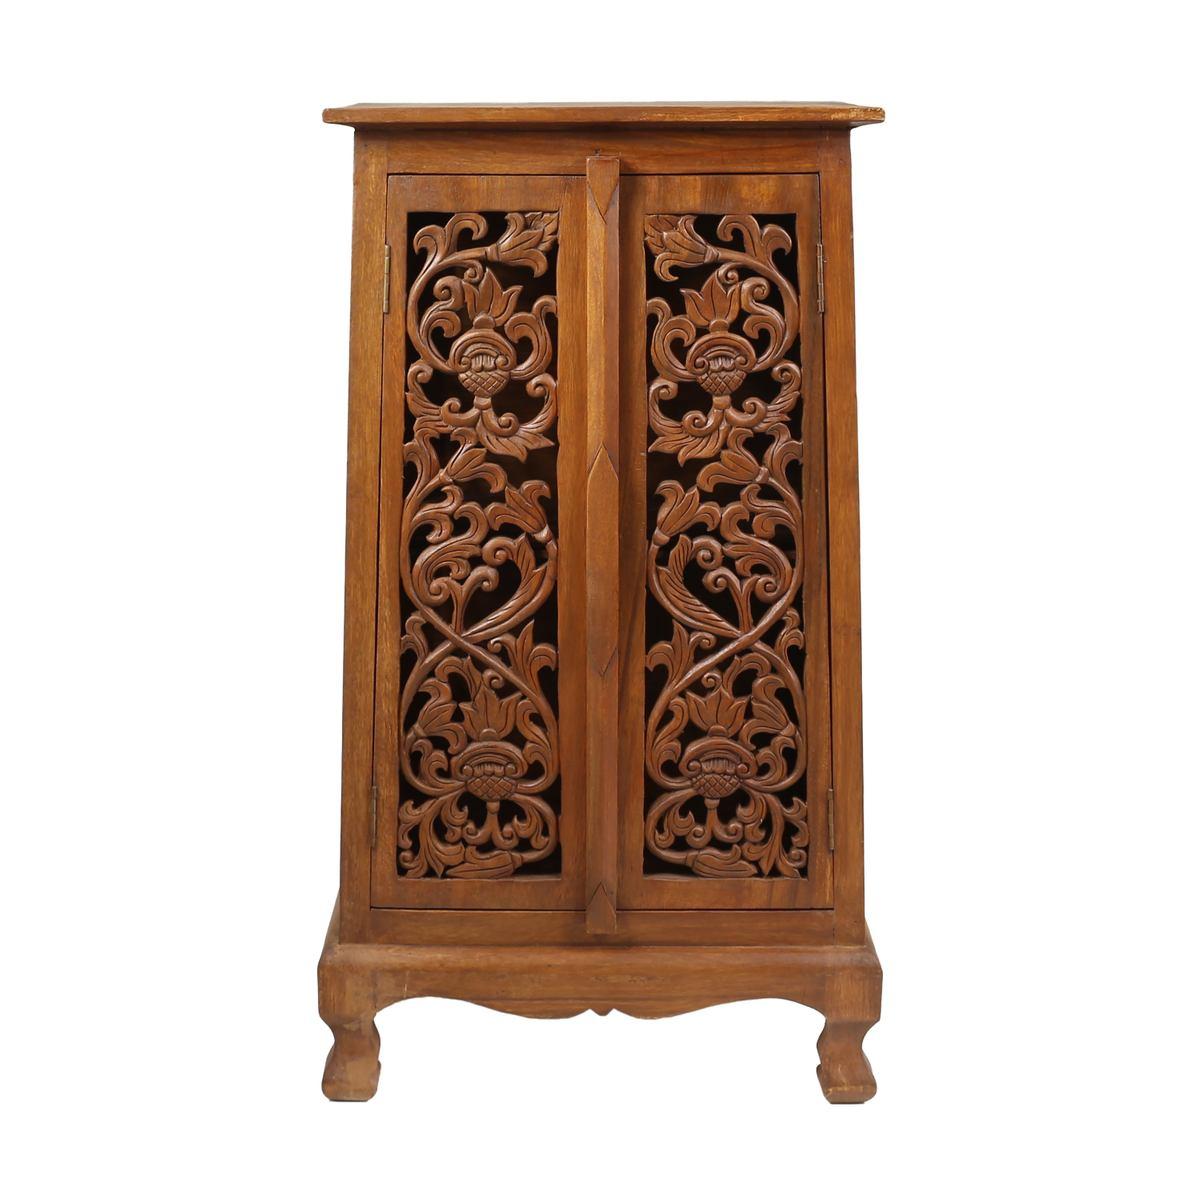 Flurschrank 100cm Braun Barock Holz Dielen Schrank Wohnzimmer Akazie Blumen Muster Verzierung